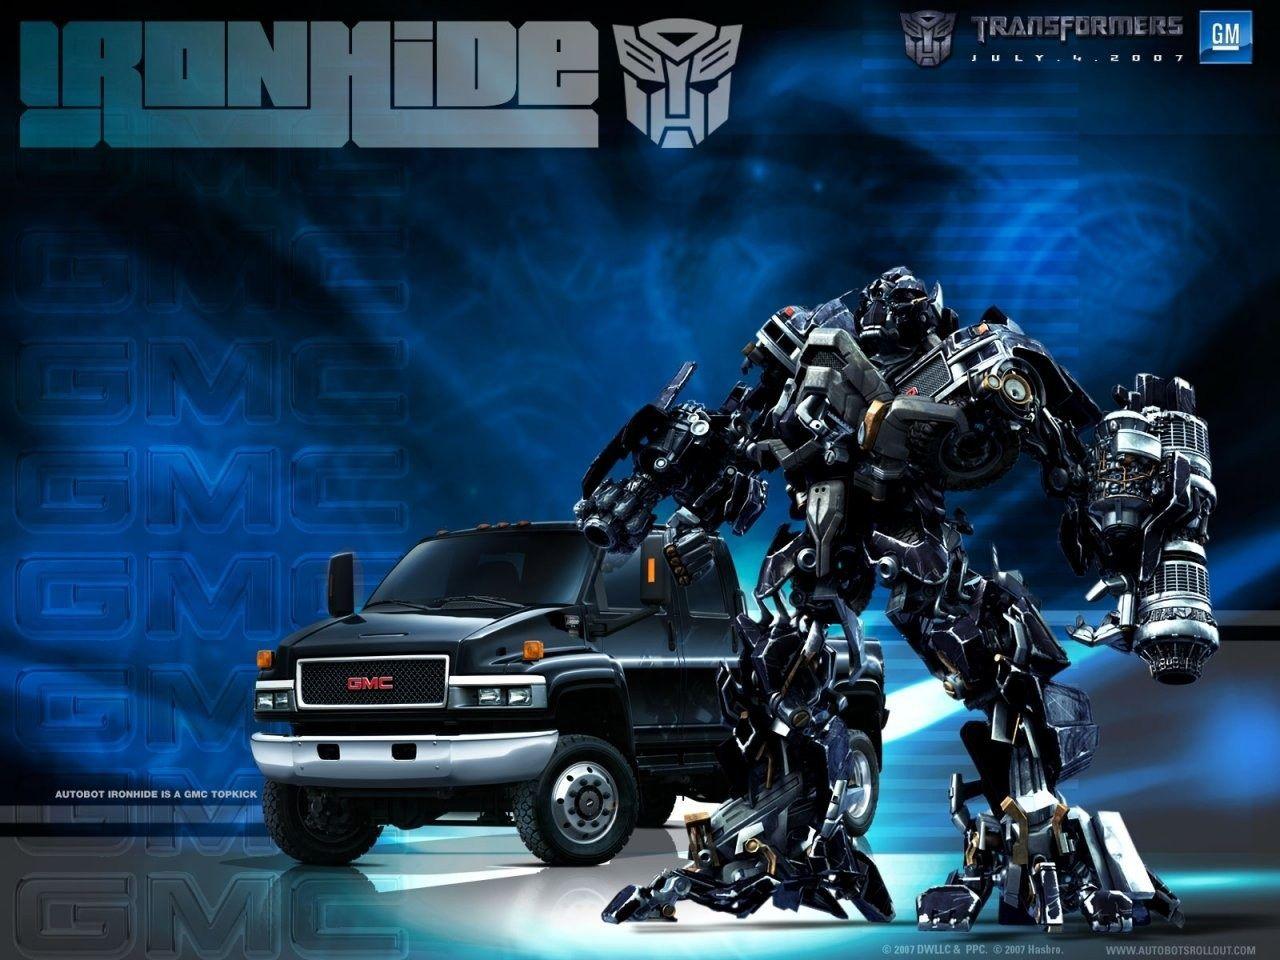 Fotos De Autos Y Motos De Todos Los Modelos Transformers Ironhide Transformers Transformers Imagenes Transformers